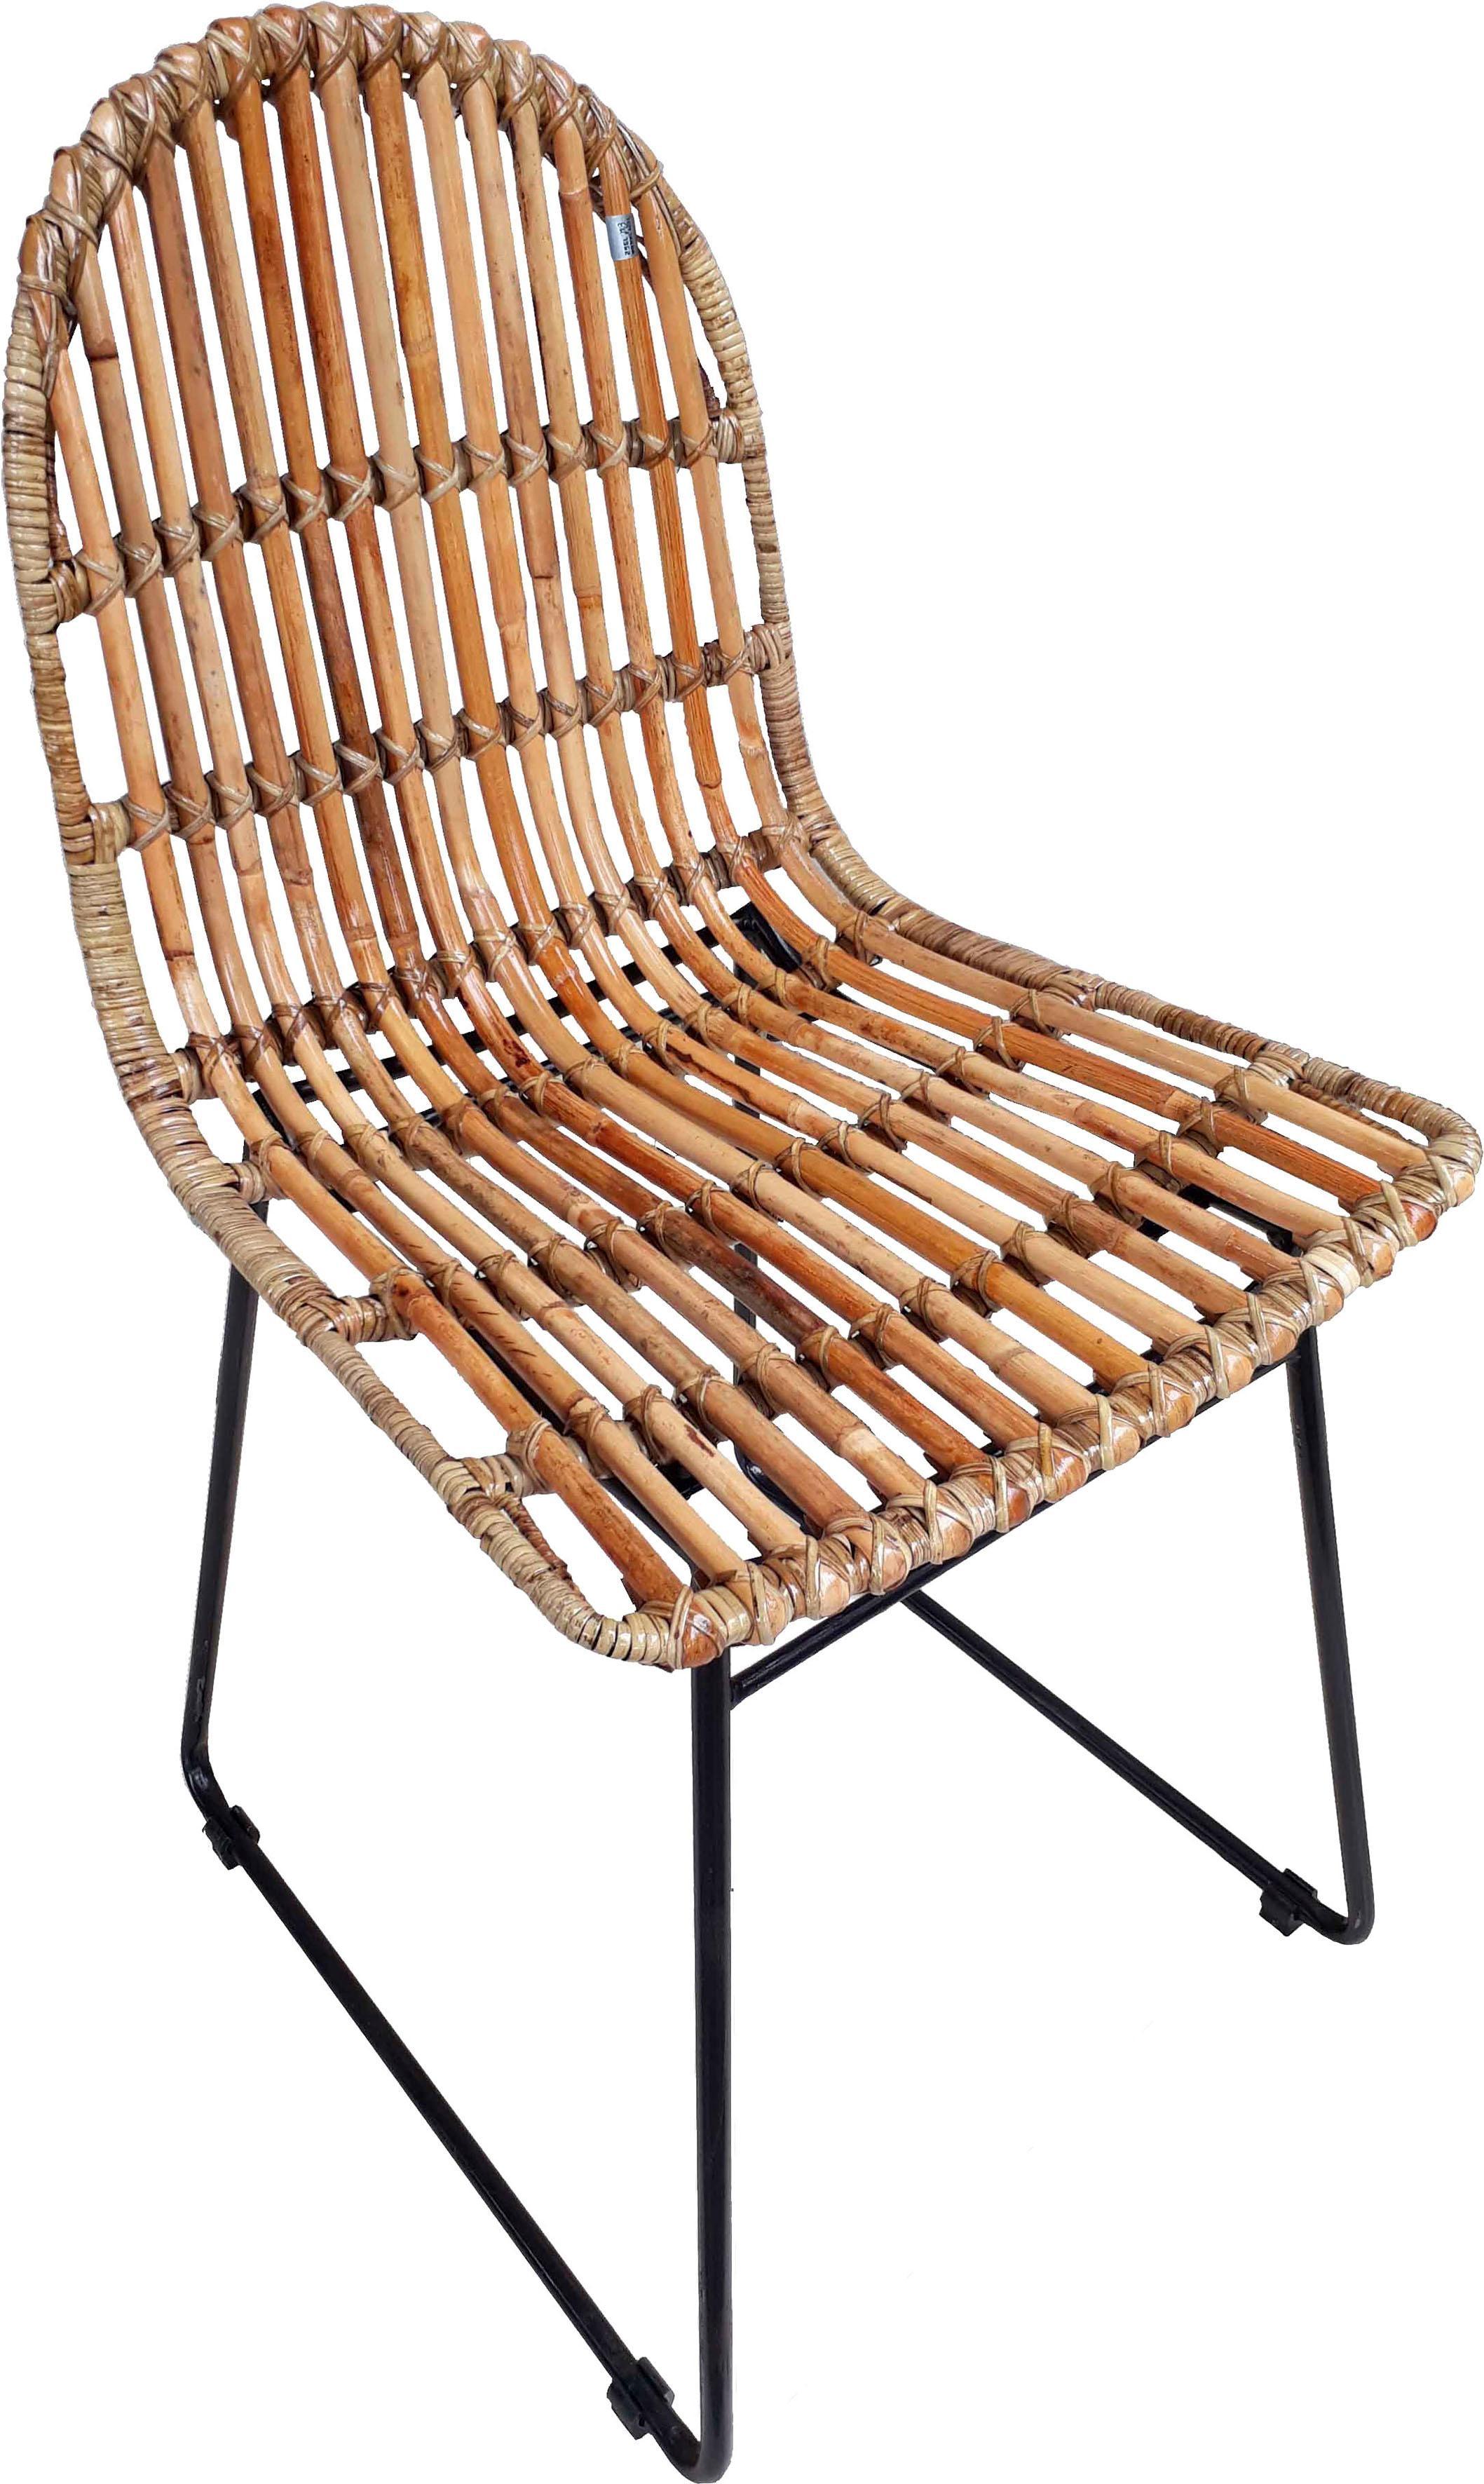 SIT Rattanstuhl Rattan Vintage, Shabby Chic, Vintage beige 4-Fuß-Stühle Stühle Sitzbänke